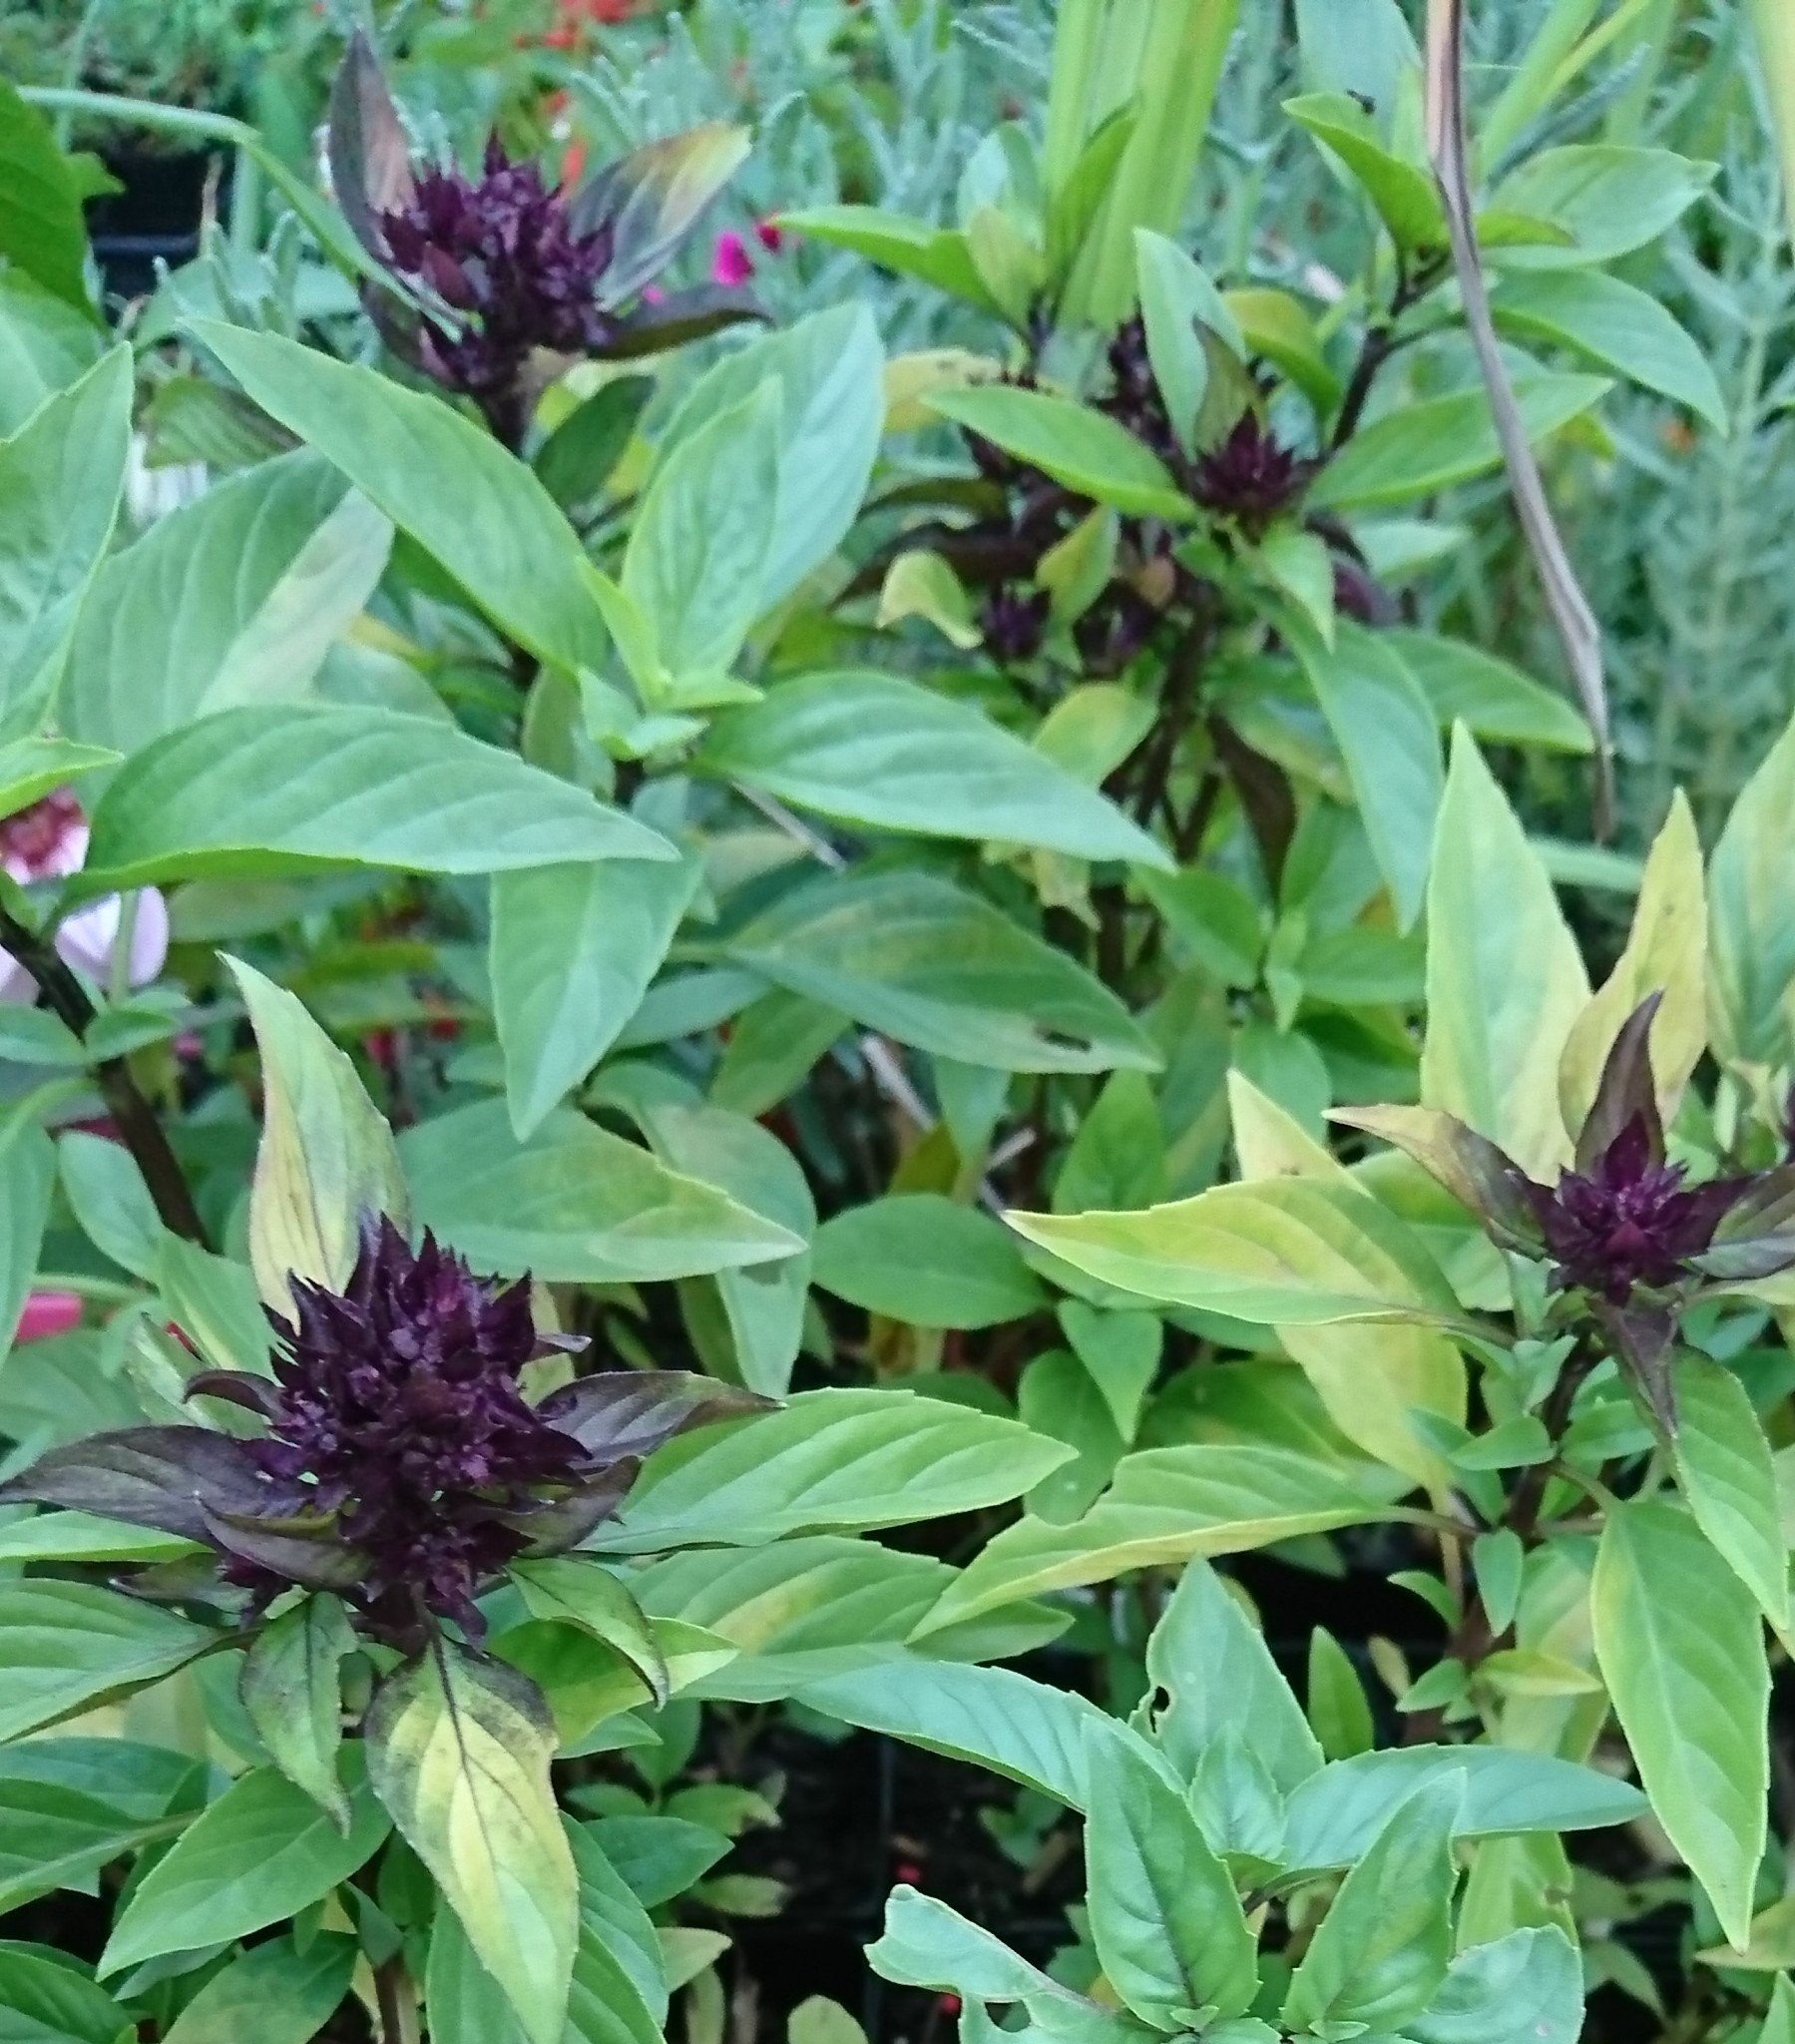 Herbs: Basil varieties